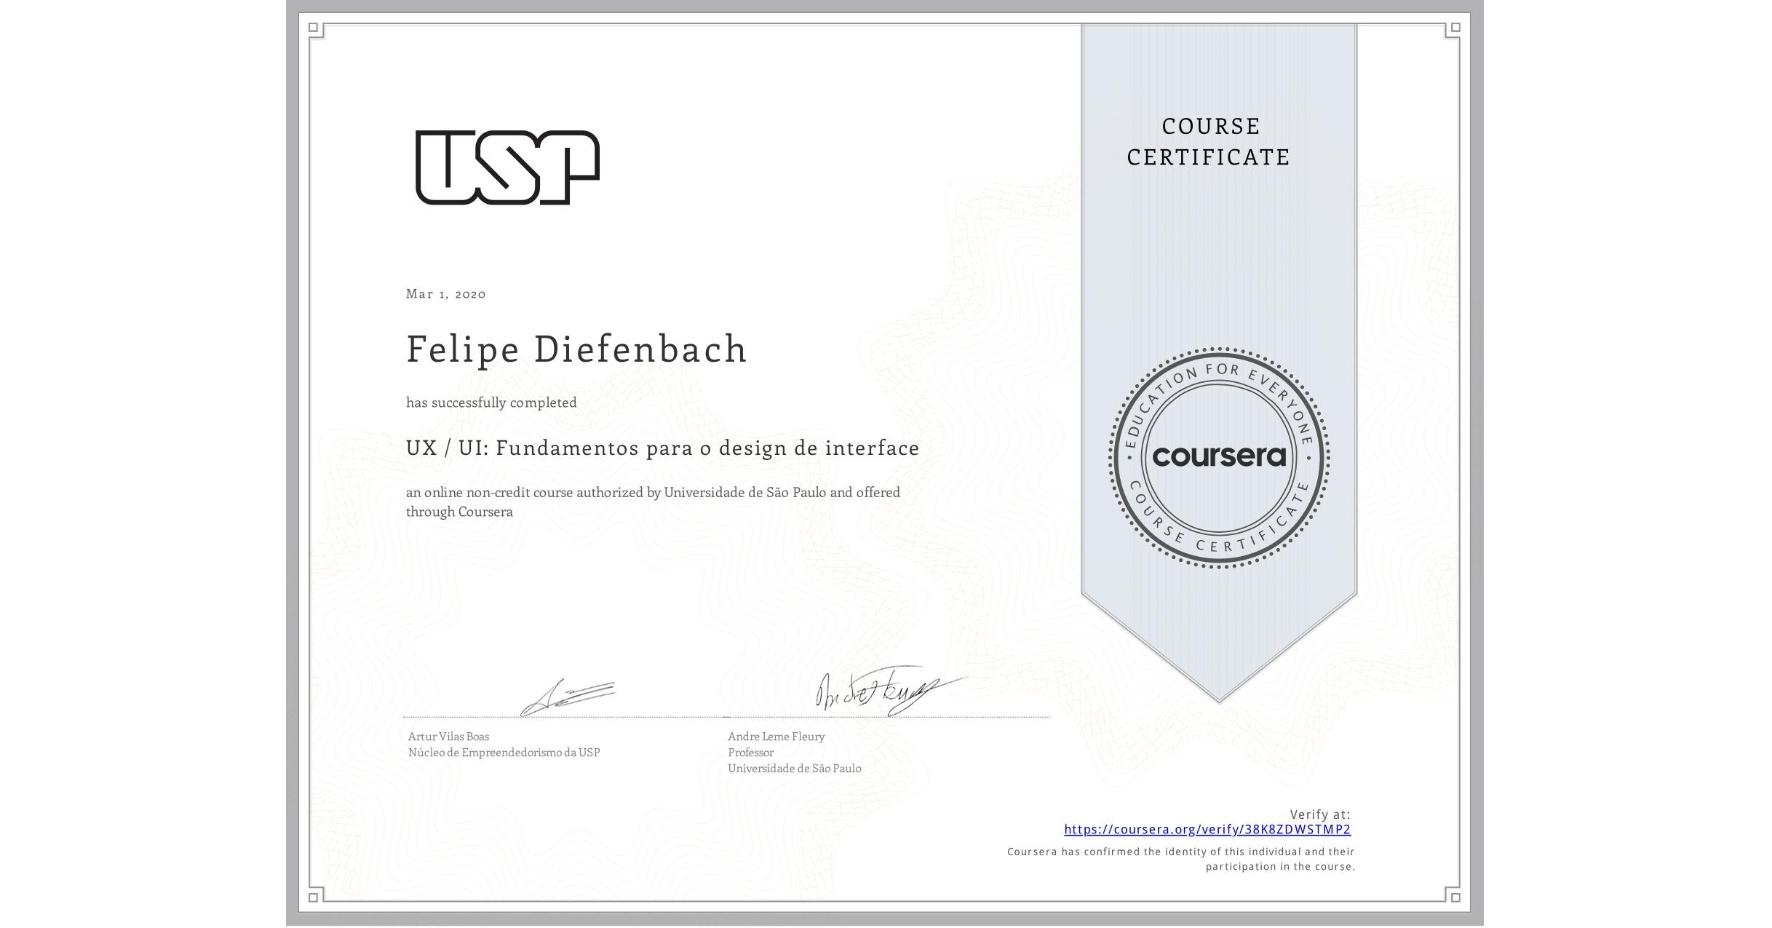 View certificate for Felipe Diefenbach, UX / UI: Fundamentos para o design de interface, an online non-credit course authorized by Universidade de São Paulo and offered through Coursera